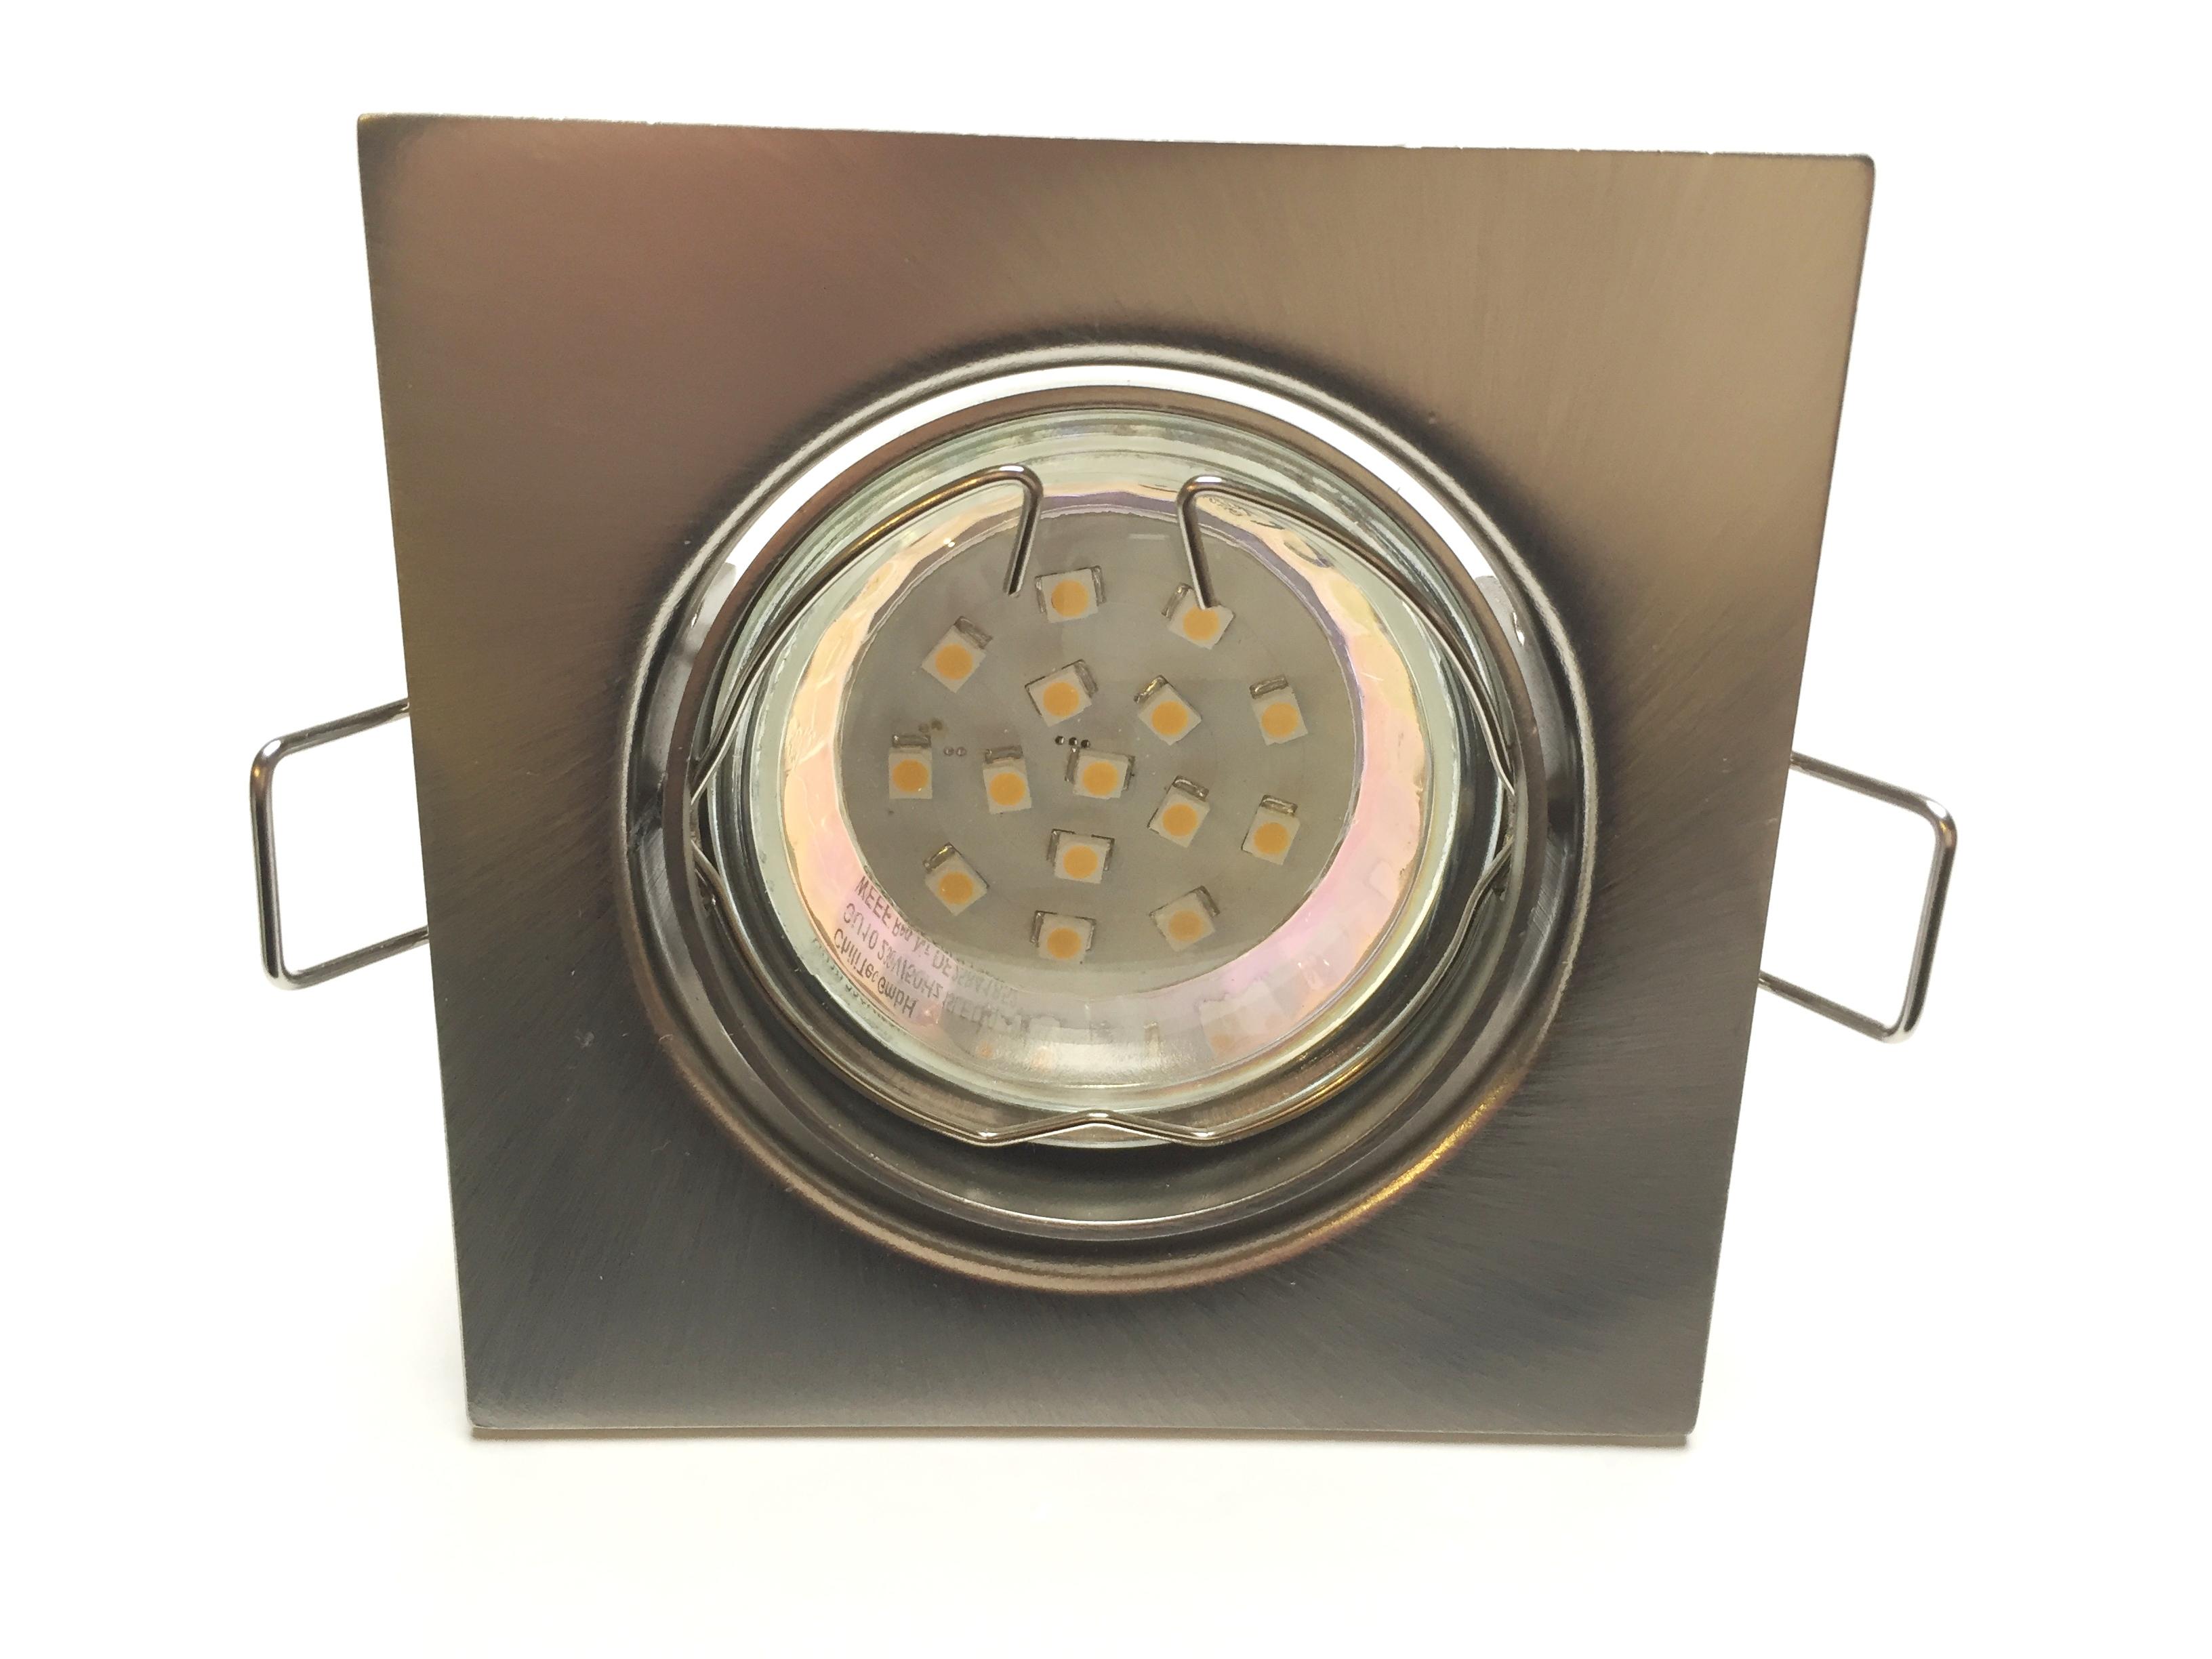 Metall Einbaustrahler Set 15 SMD GU10 Eisengebürstet schwenkbar